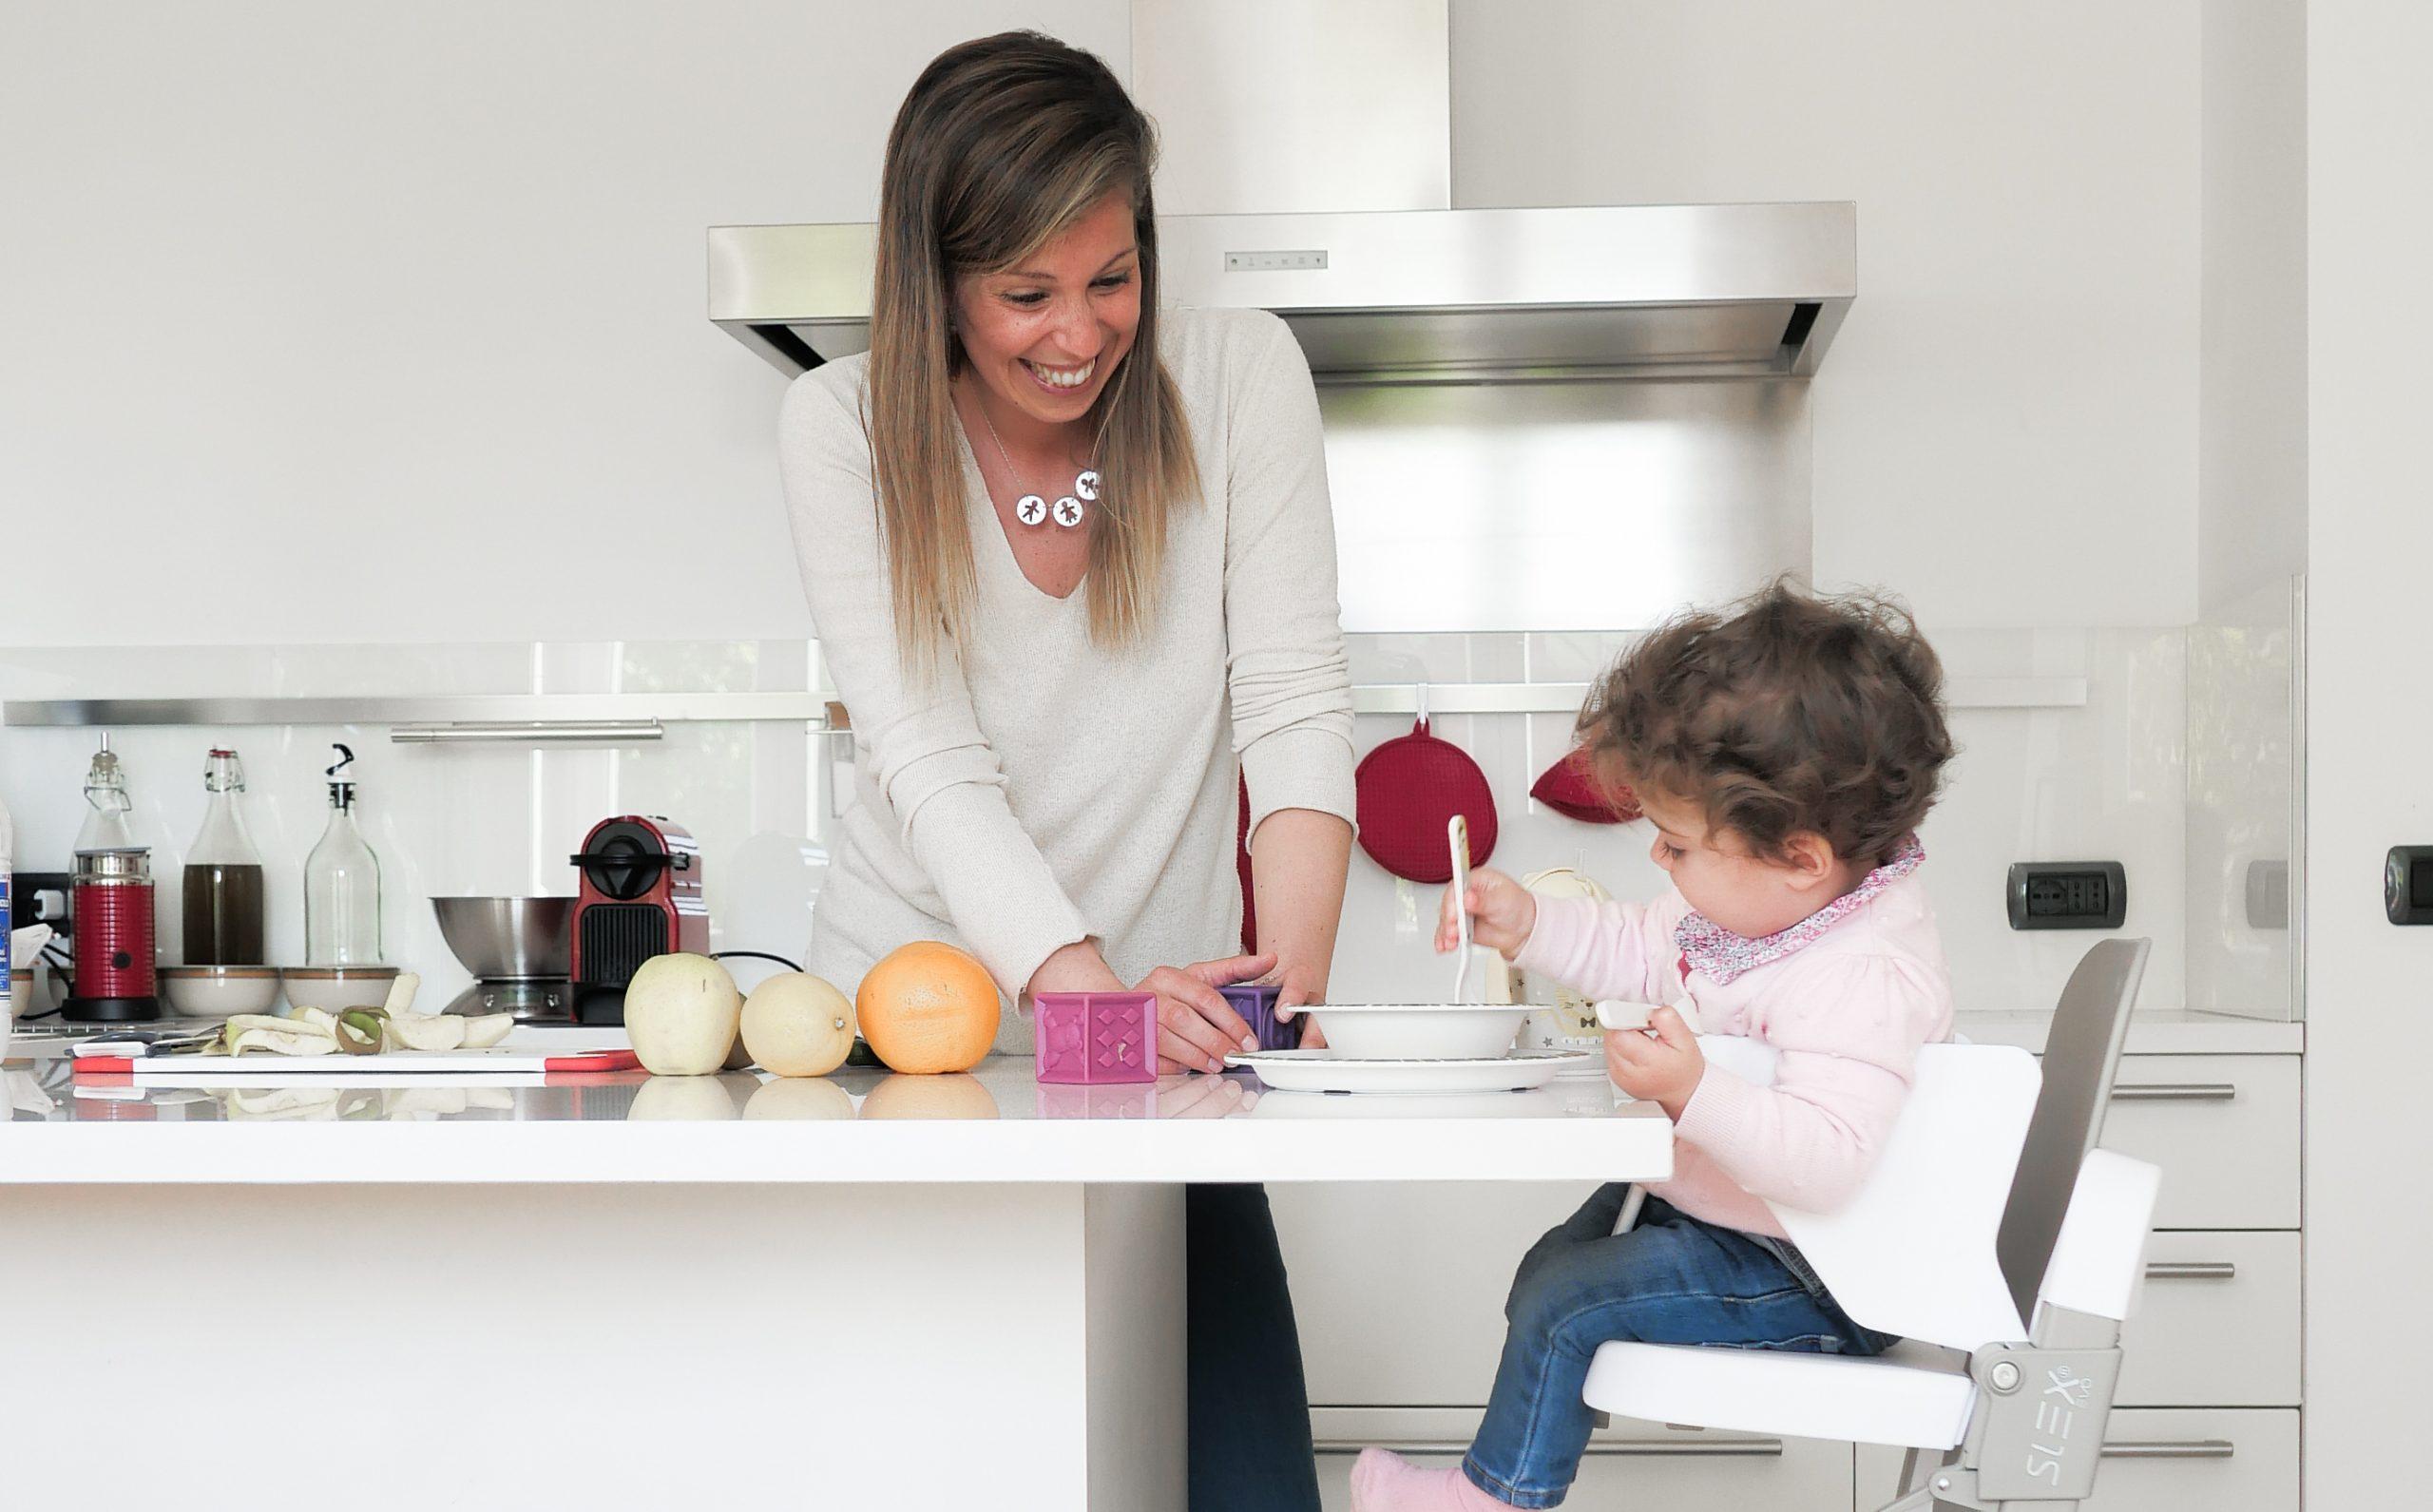 mamma in cucina con il suo bimbo seduto sulla sedia pappa slex evo